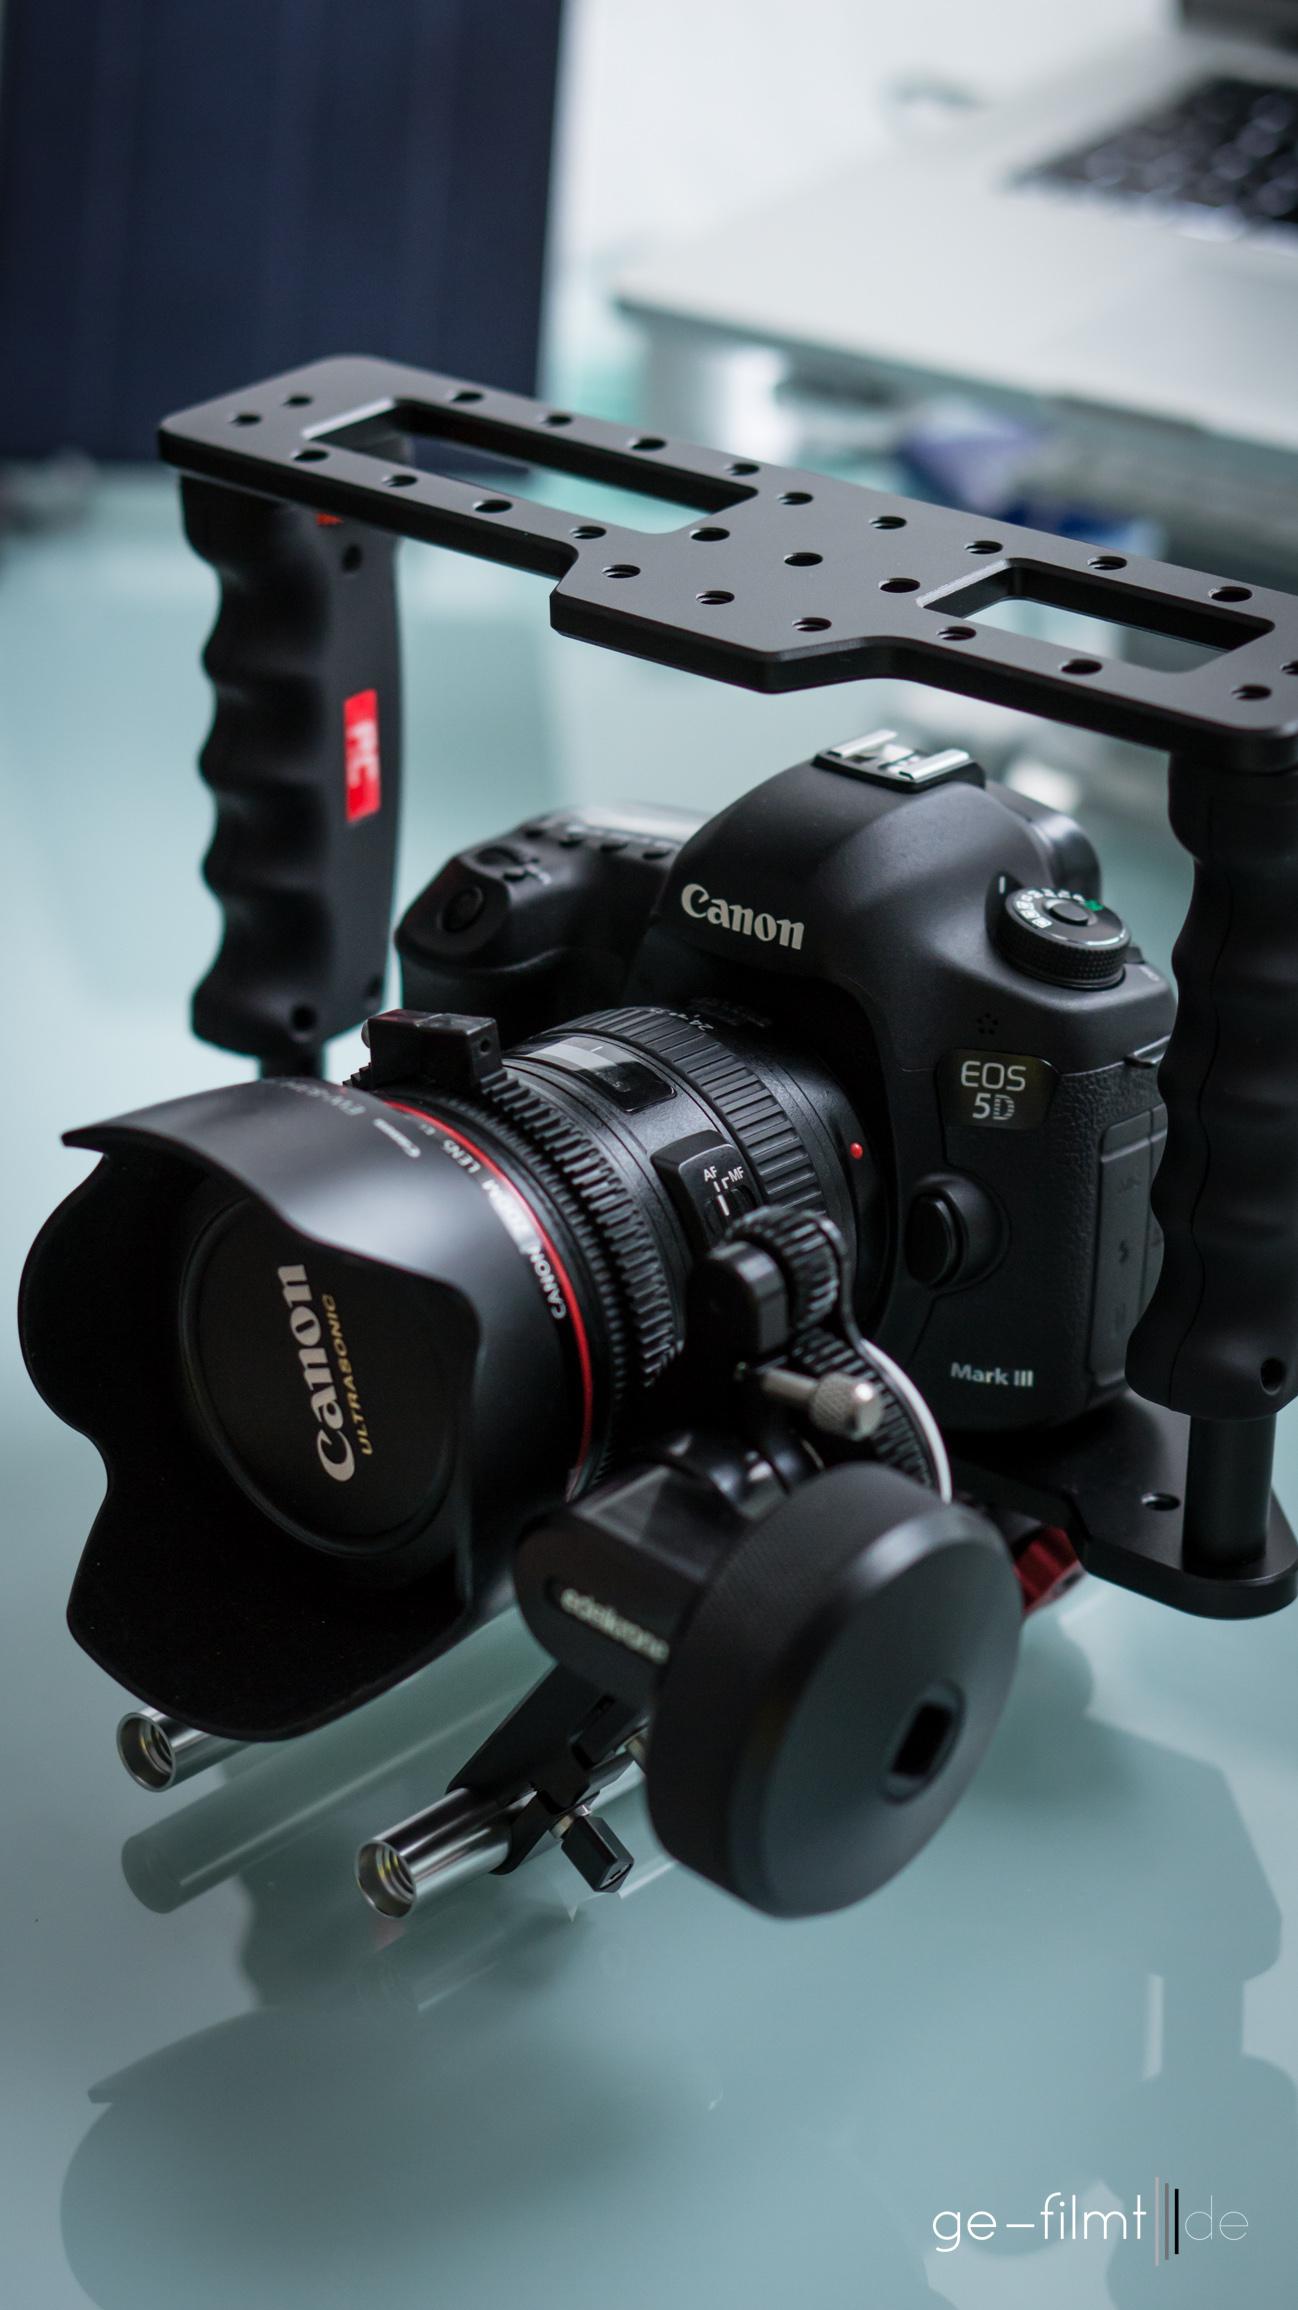 Kamera und Follow Focus sind montiert